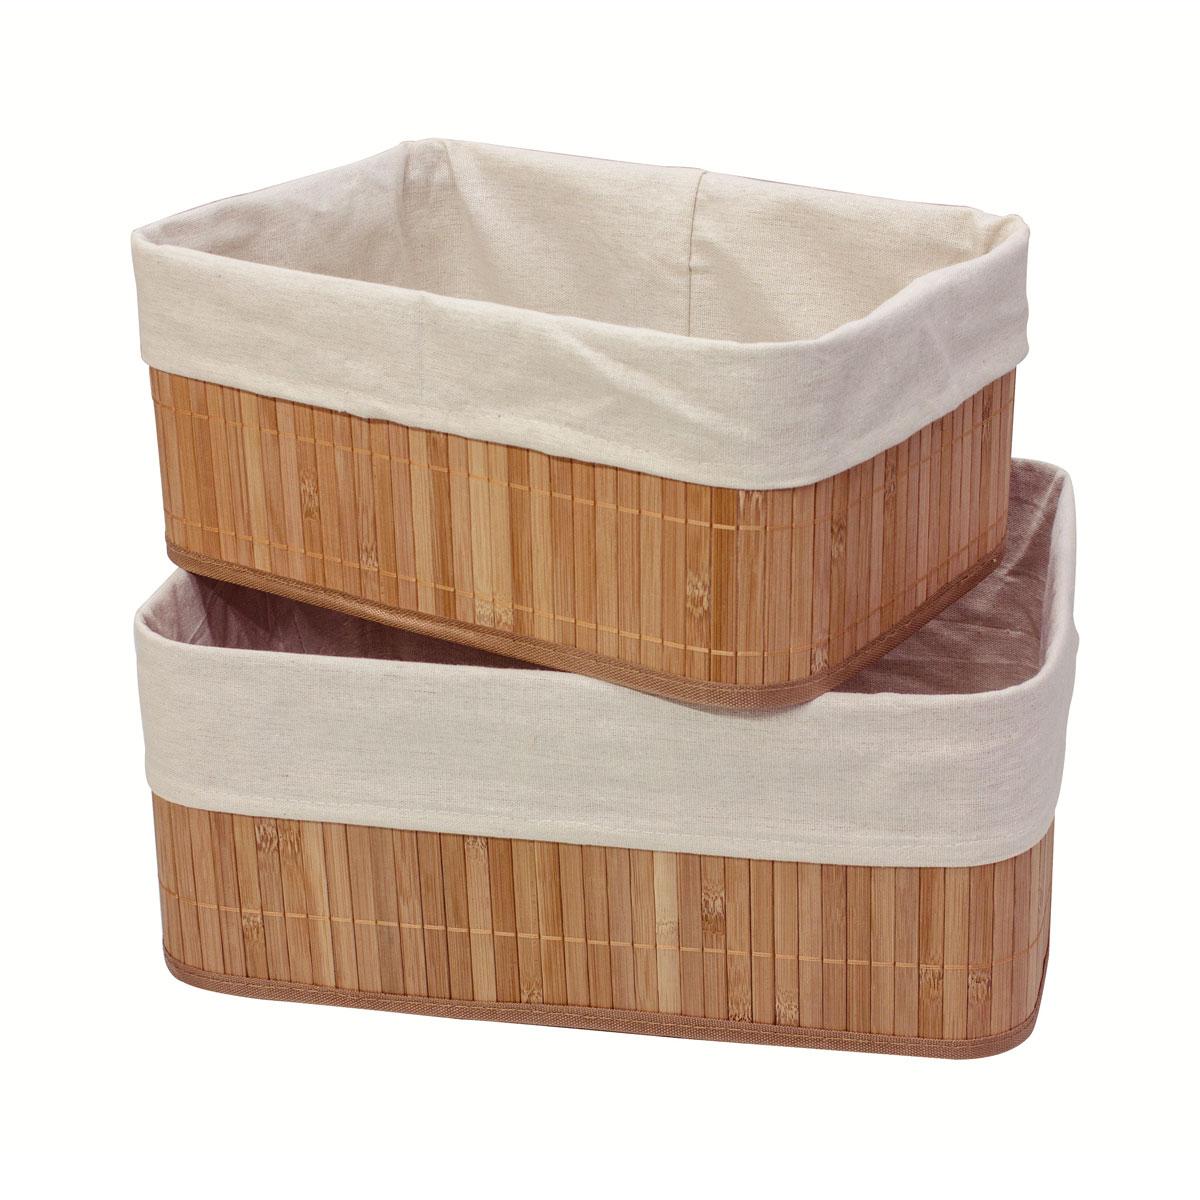 """Марка Ecowoo предлагает новое удобное решение для хранения полезных мелочей - набор универсальных коробов из бамбука Ecowoo """"Нежность"""". Прекрасная вместительность, экологичный материал и актуальный дизайн - все эти достоинства делают набор незаменимым в любом доме. Размер коробов: 33 х 23 х 14 см; 38 х 28 х 16 см."""